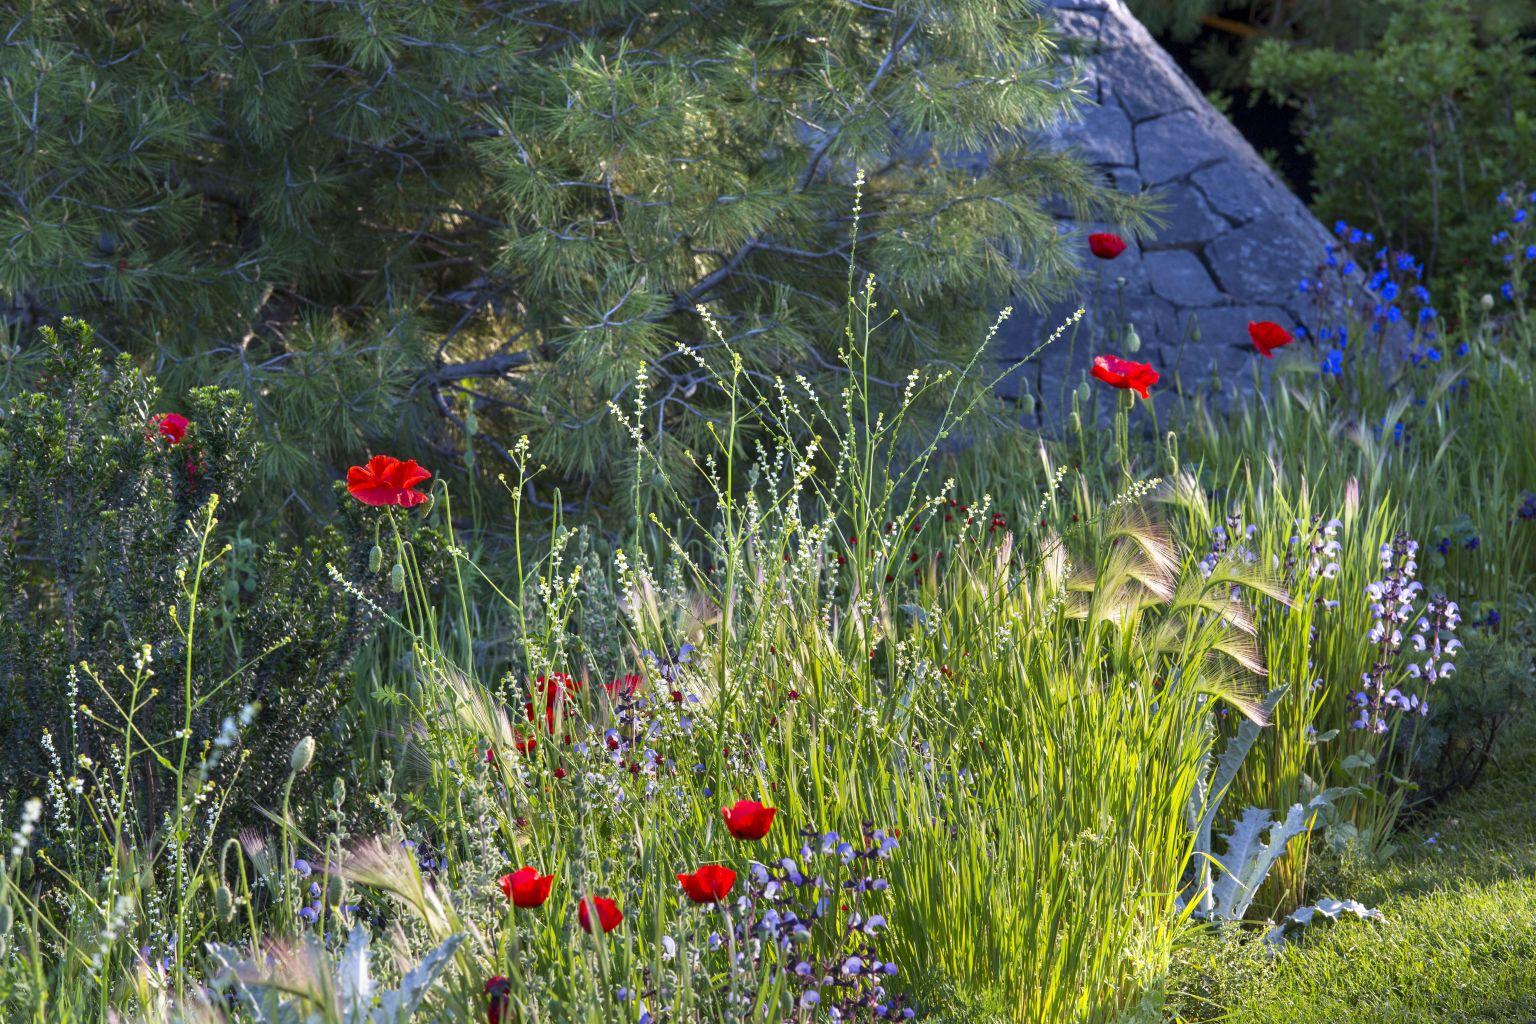 Hugo Bugg Chelsea Flower Show 2016 8